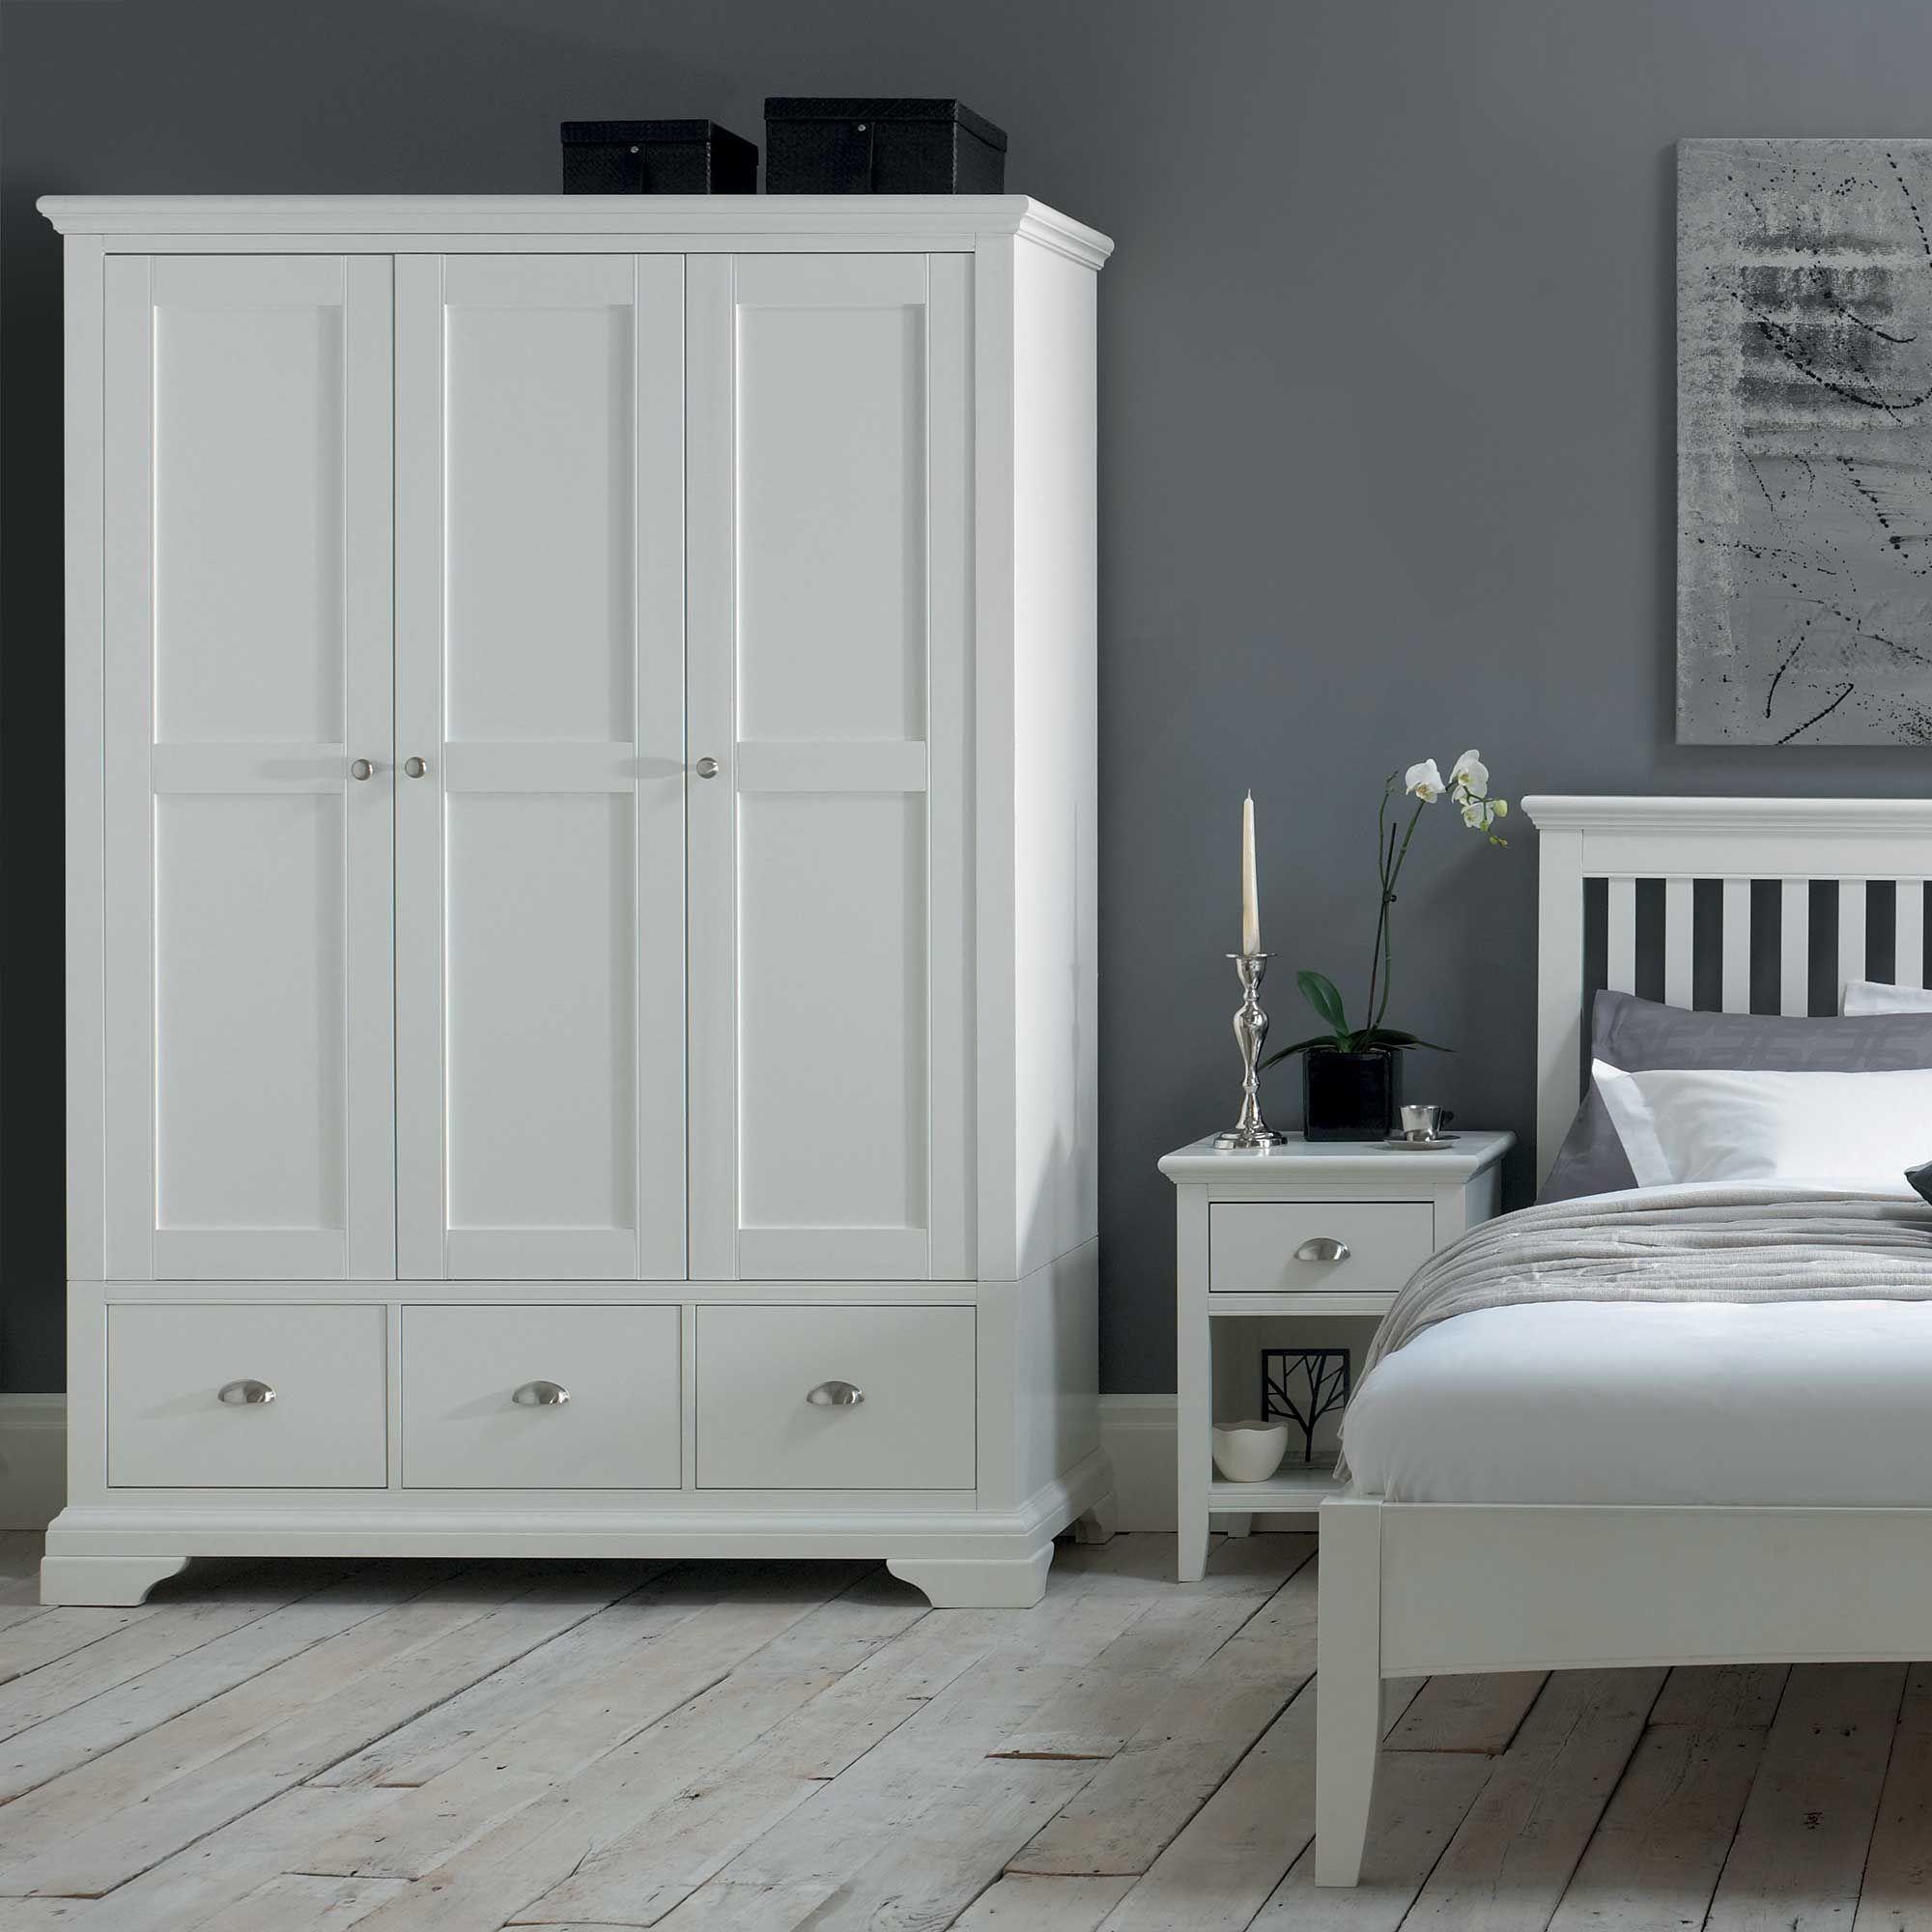 The Carrington White Triple Wardrobe White Bedroom Furniture - Carrington bedroom furniture